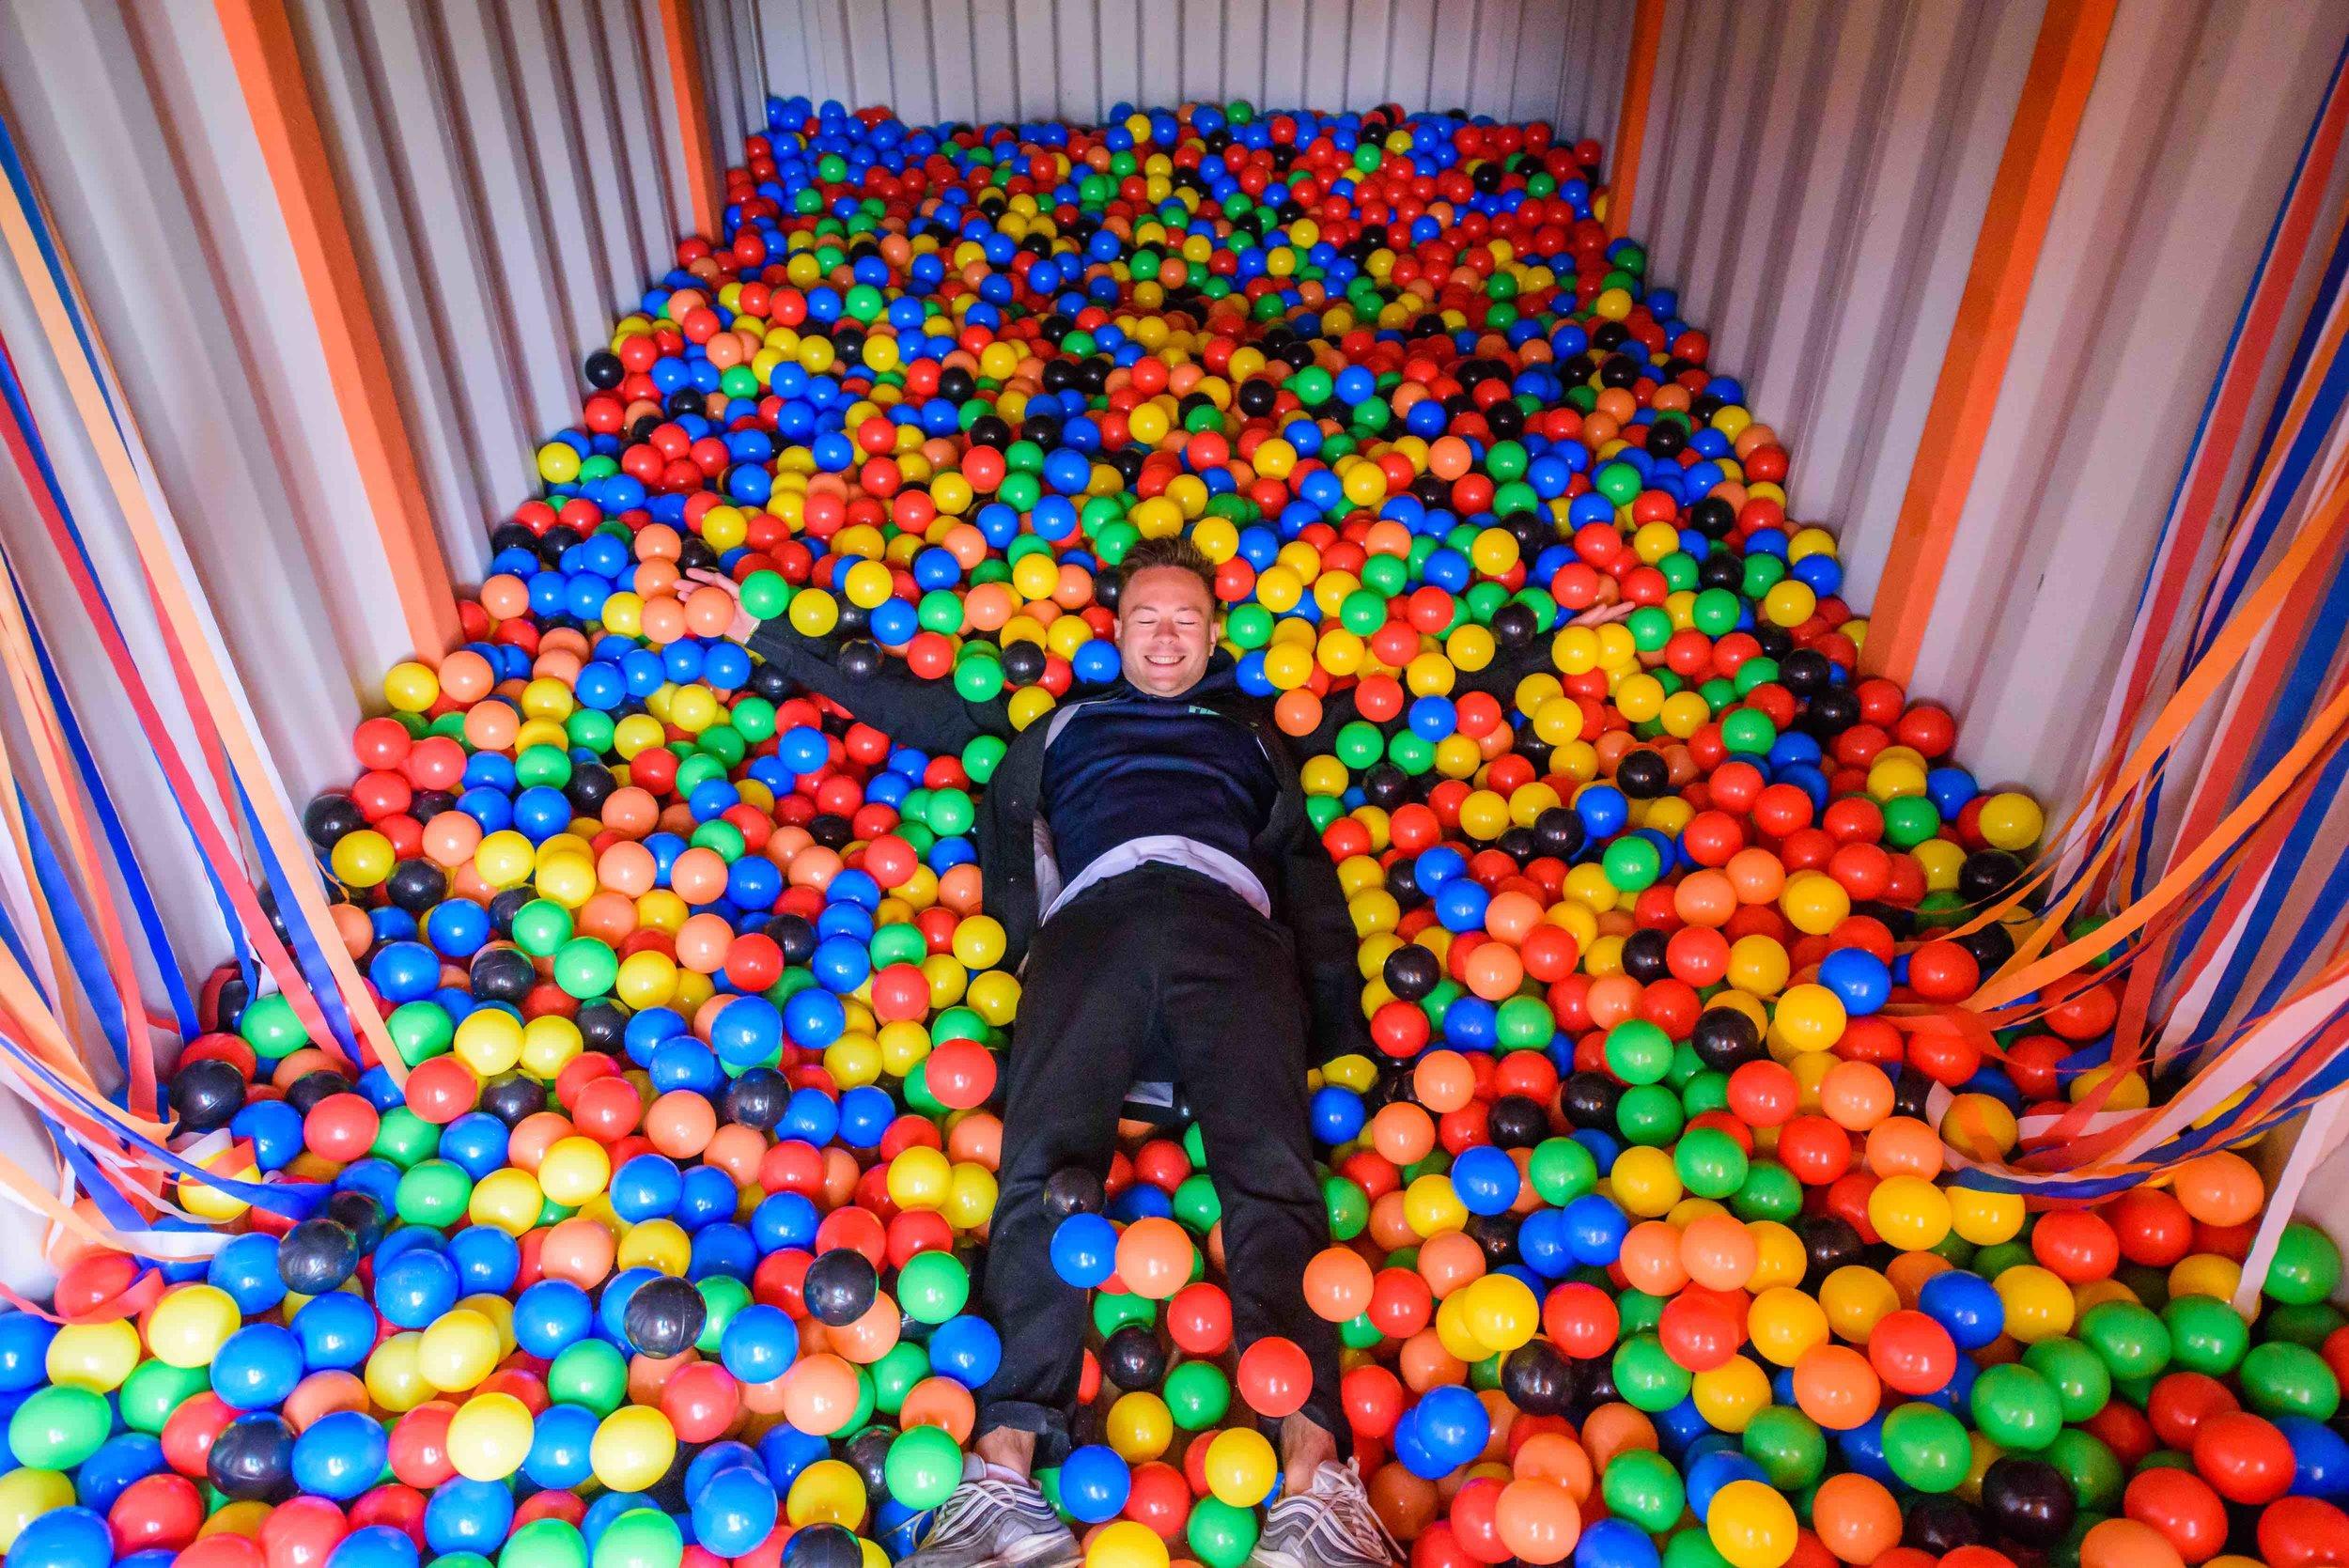 ballenbakballen-op-loveland-van-oranje.jpg